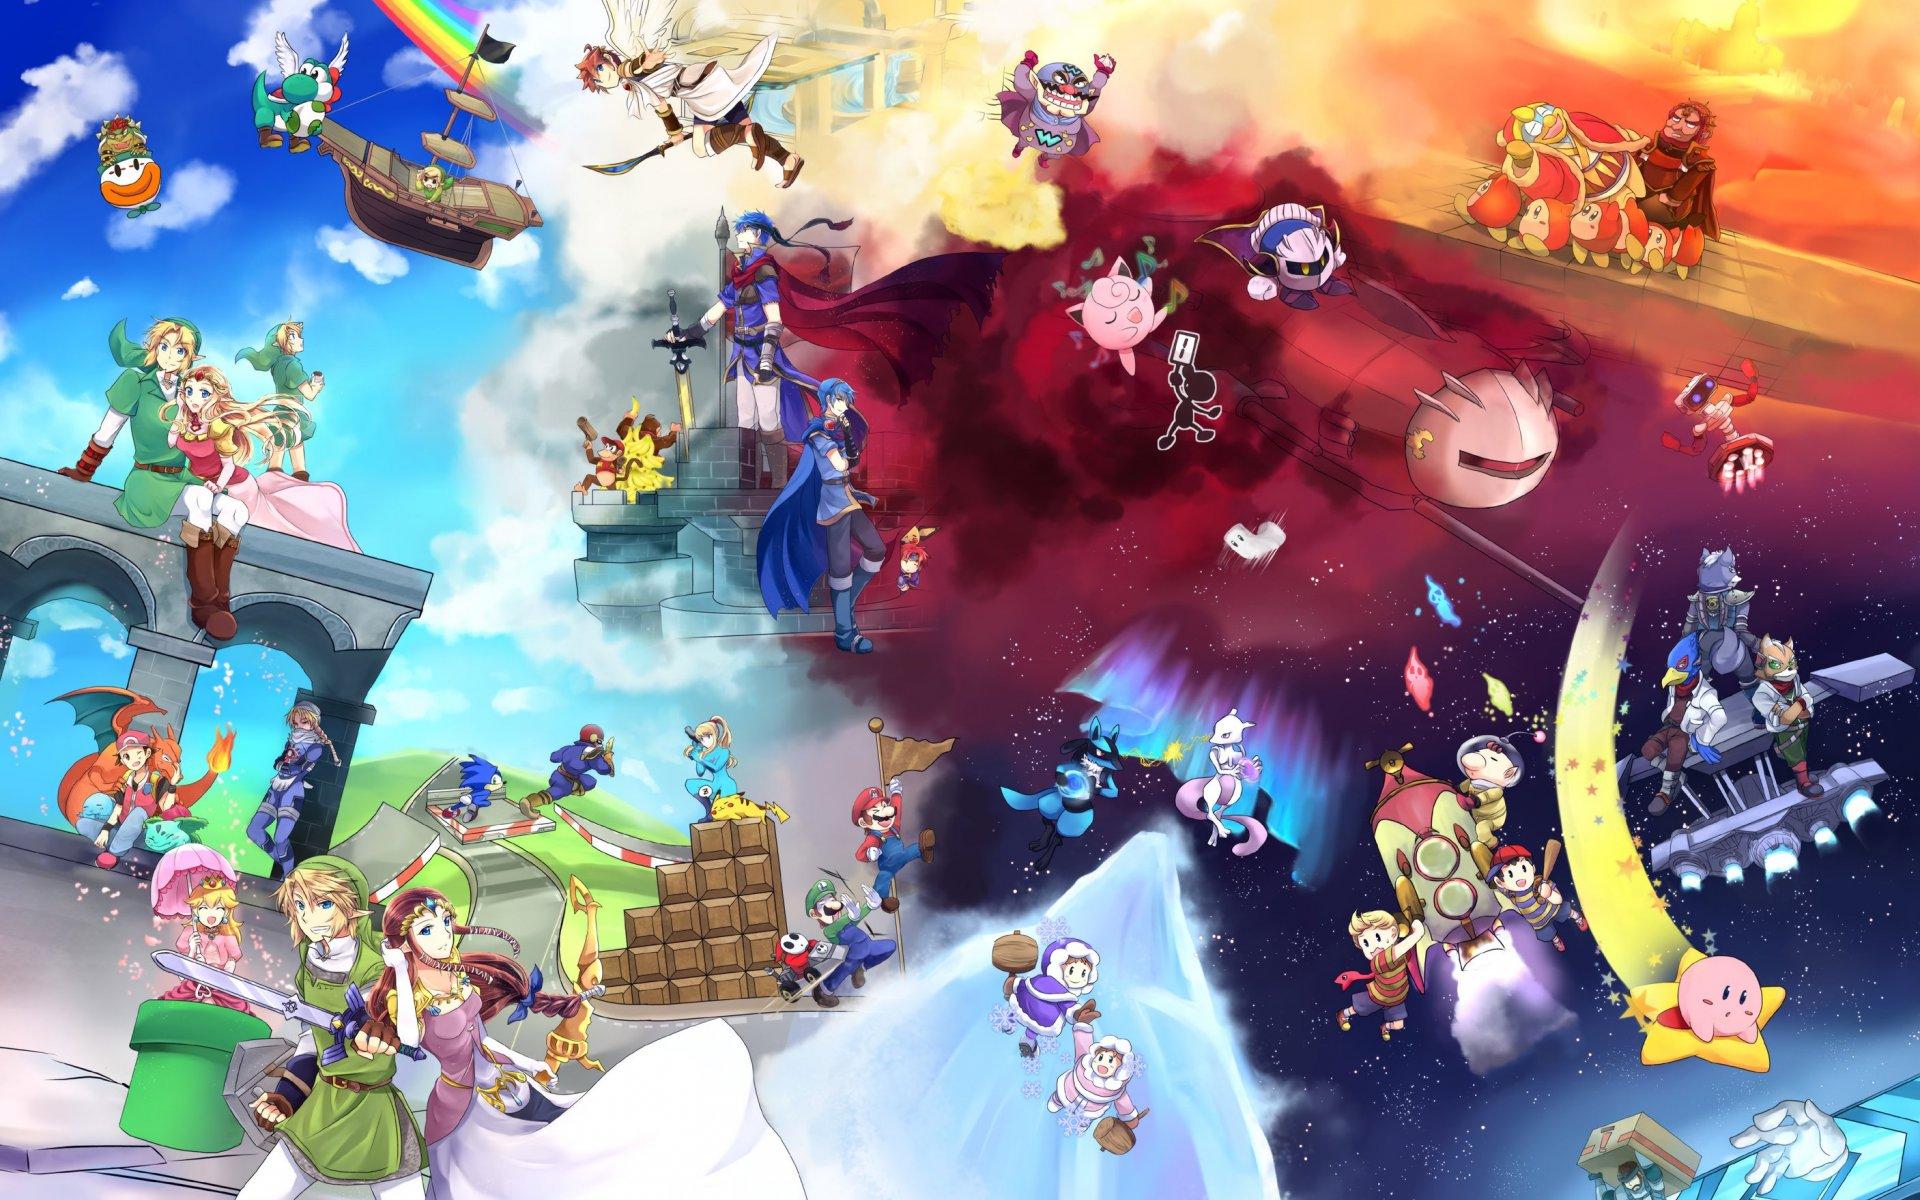 Free Download Wallpaperwiki Photos Super Smash Bros Hd Wallpaper